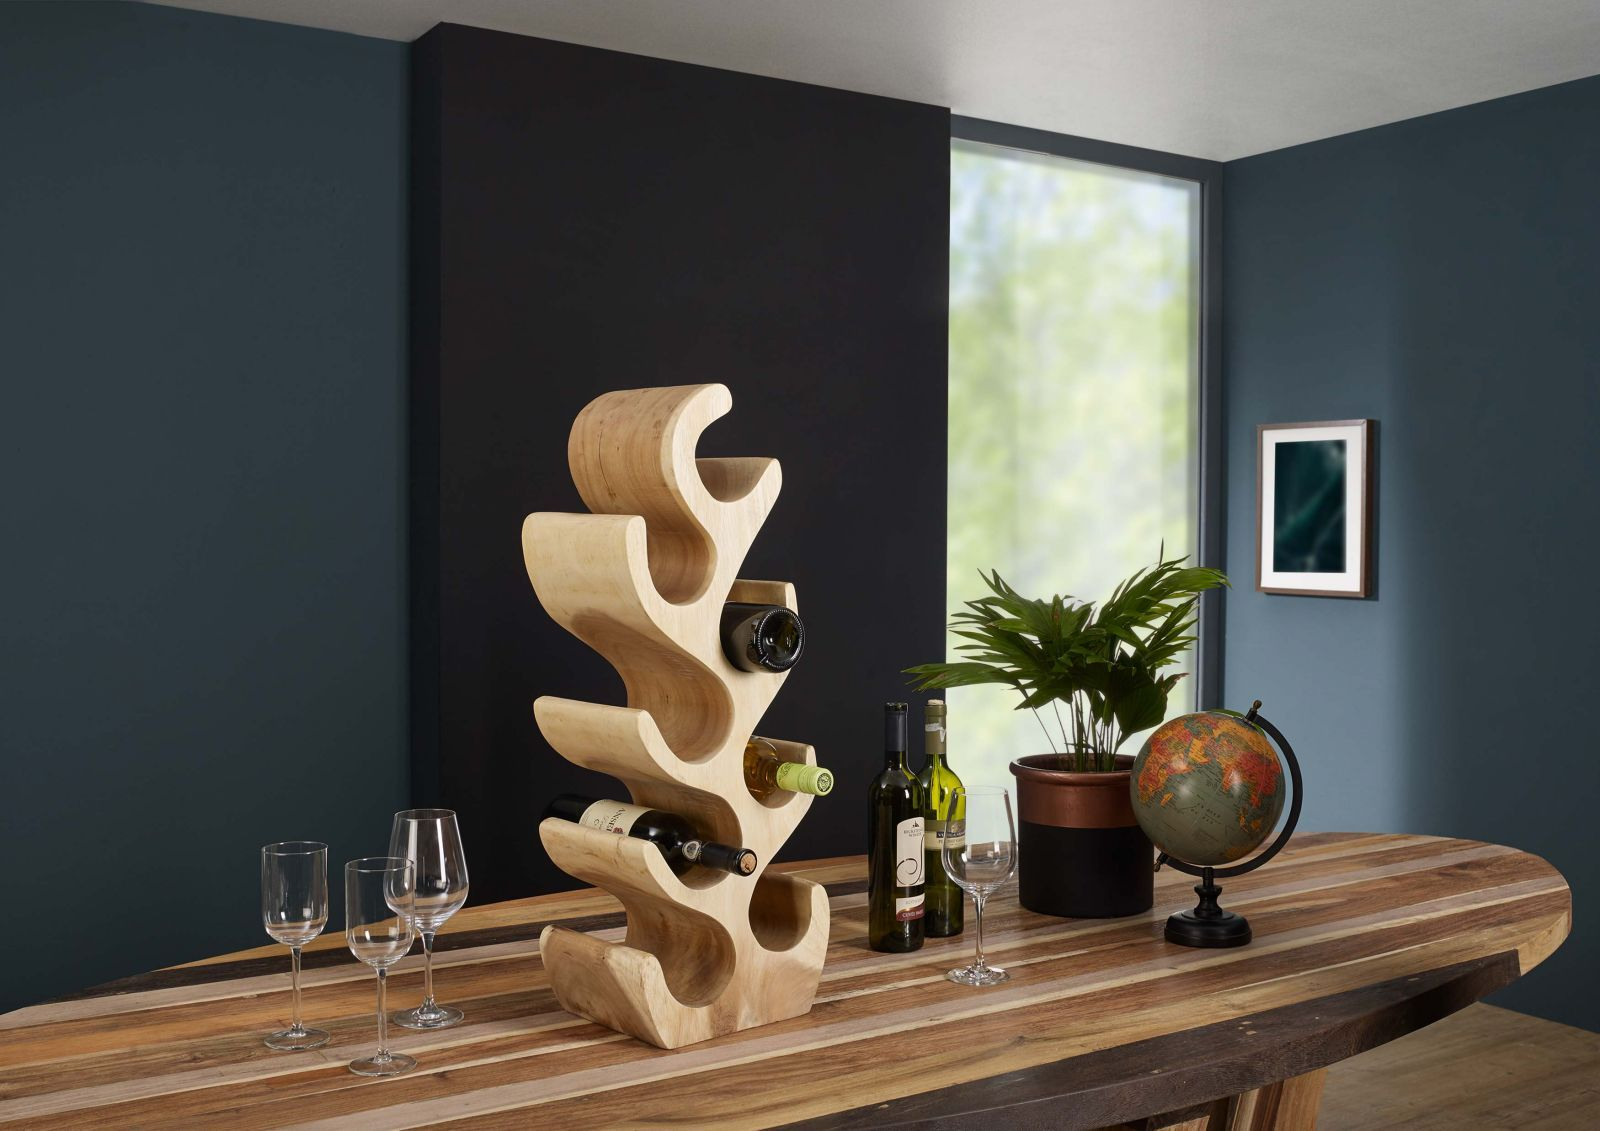 #massivmoebel24 #Suar #Suarholz #wood #wohnen #holzdetail #massiv #weinständer #weinregal #wein #Inspiration #interior #Wohnzimmer #Möbel #holz #instainterior #instahome #interiorlover #livingroom #table #tisch #modern #furniture  #einrichtung #einrichtungsideen #decoracao #decorideas #bamberg #modernhomes #dailyinterior